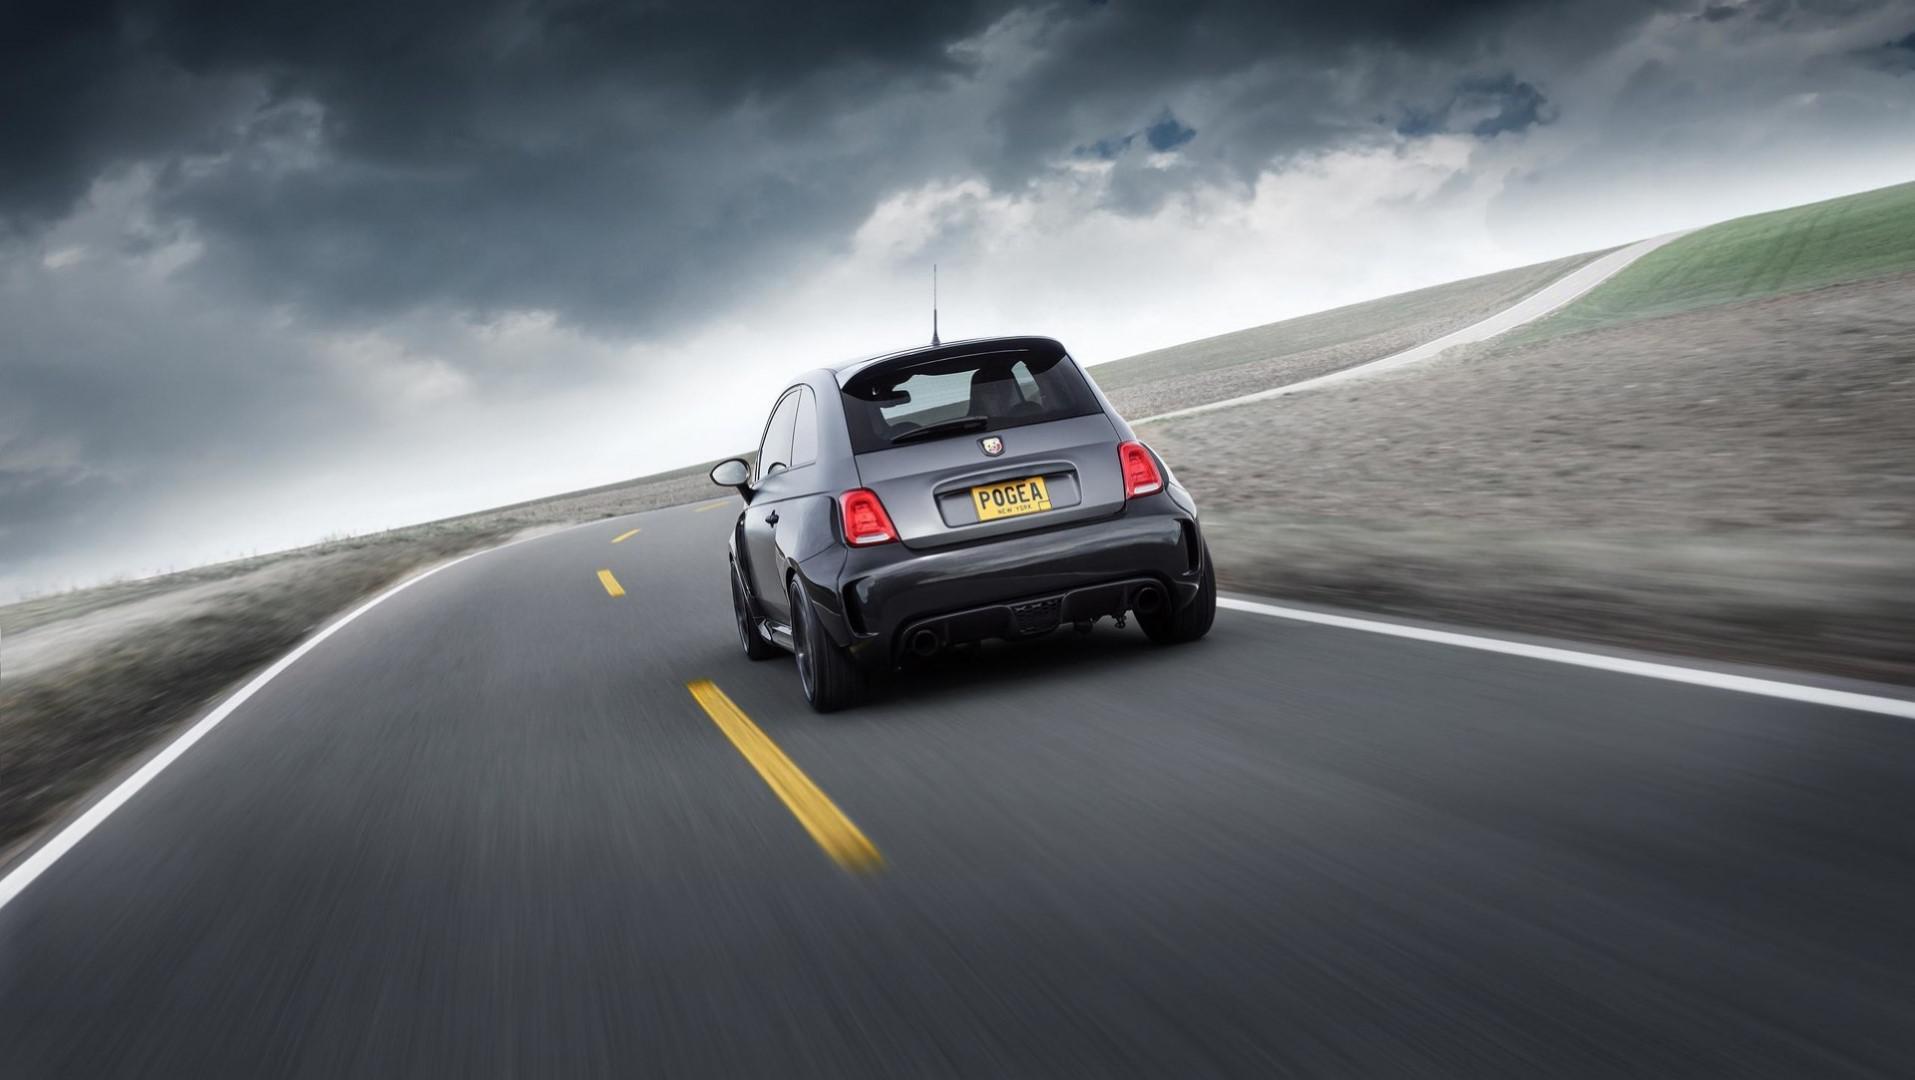 288 km/h en Fiat 500 Abarth  c'est possible ?